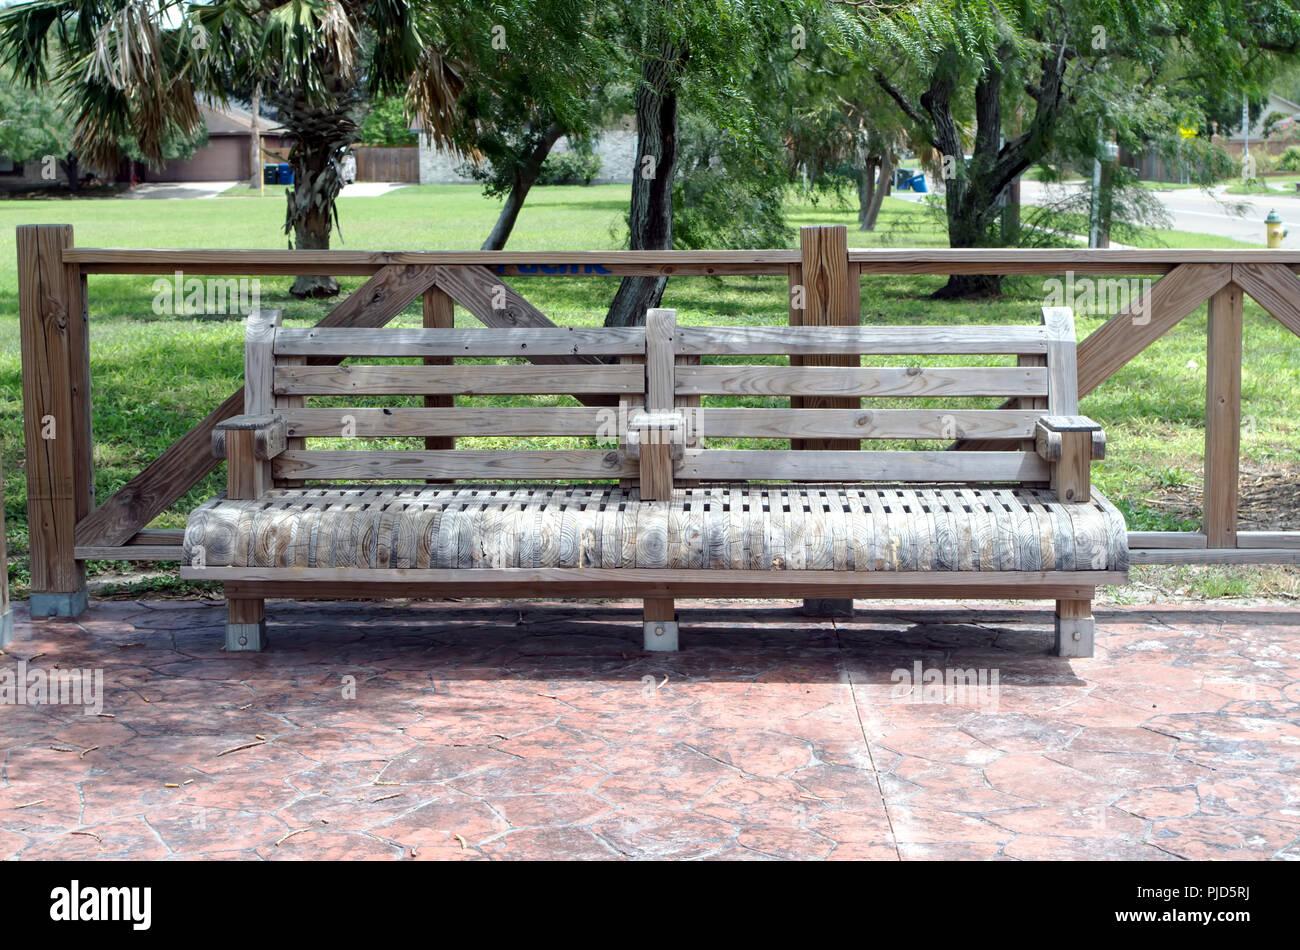 Un robusto bancale in legno di stile insolito è fissata in modo permanente al calcestruzzo stampigliato (vista 2.) Schanen trekking e bike trail Corpus Christi, Texas USA. Immagini Stock